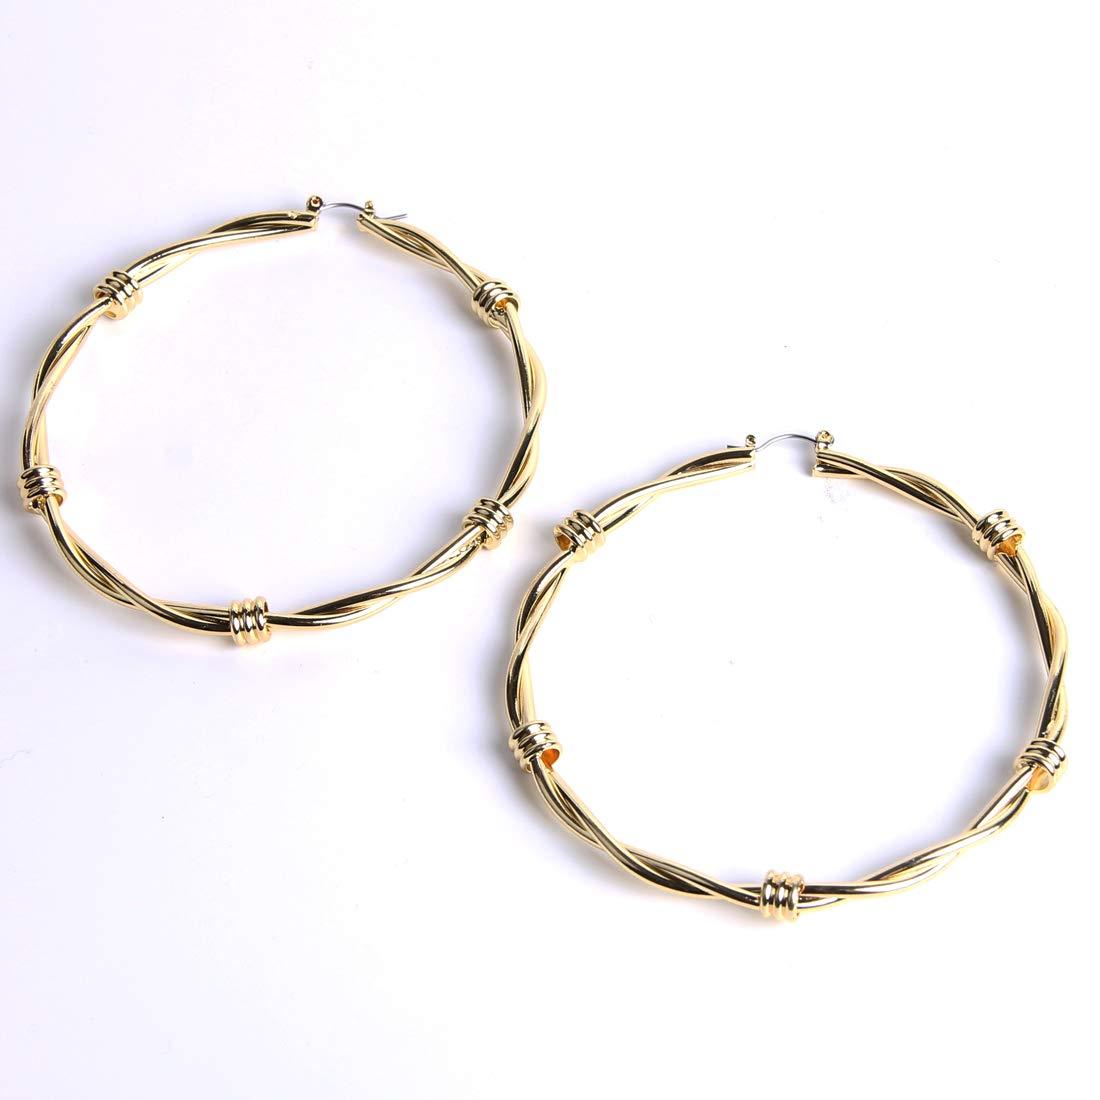 YESLADY Big Gold Hoops For Women Girls Knot Hoop Earrings 80mm